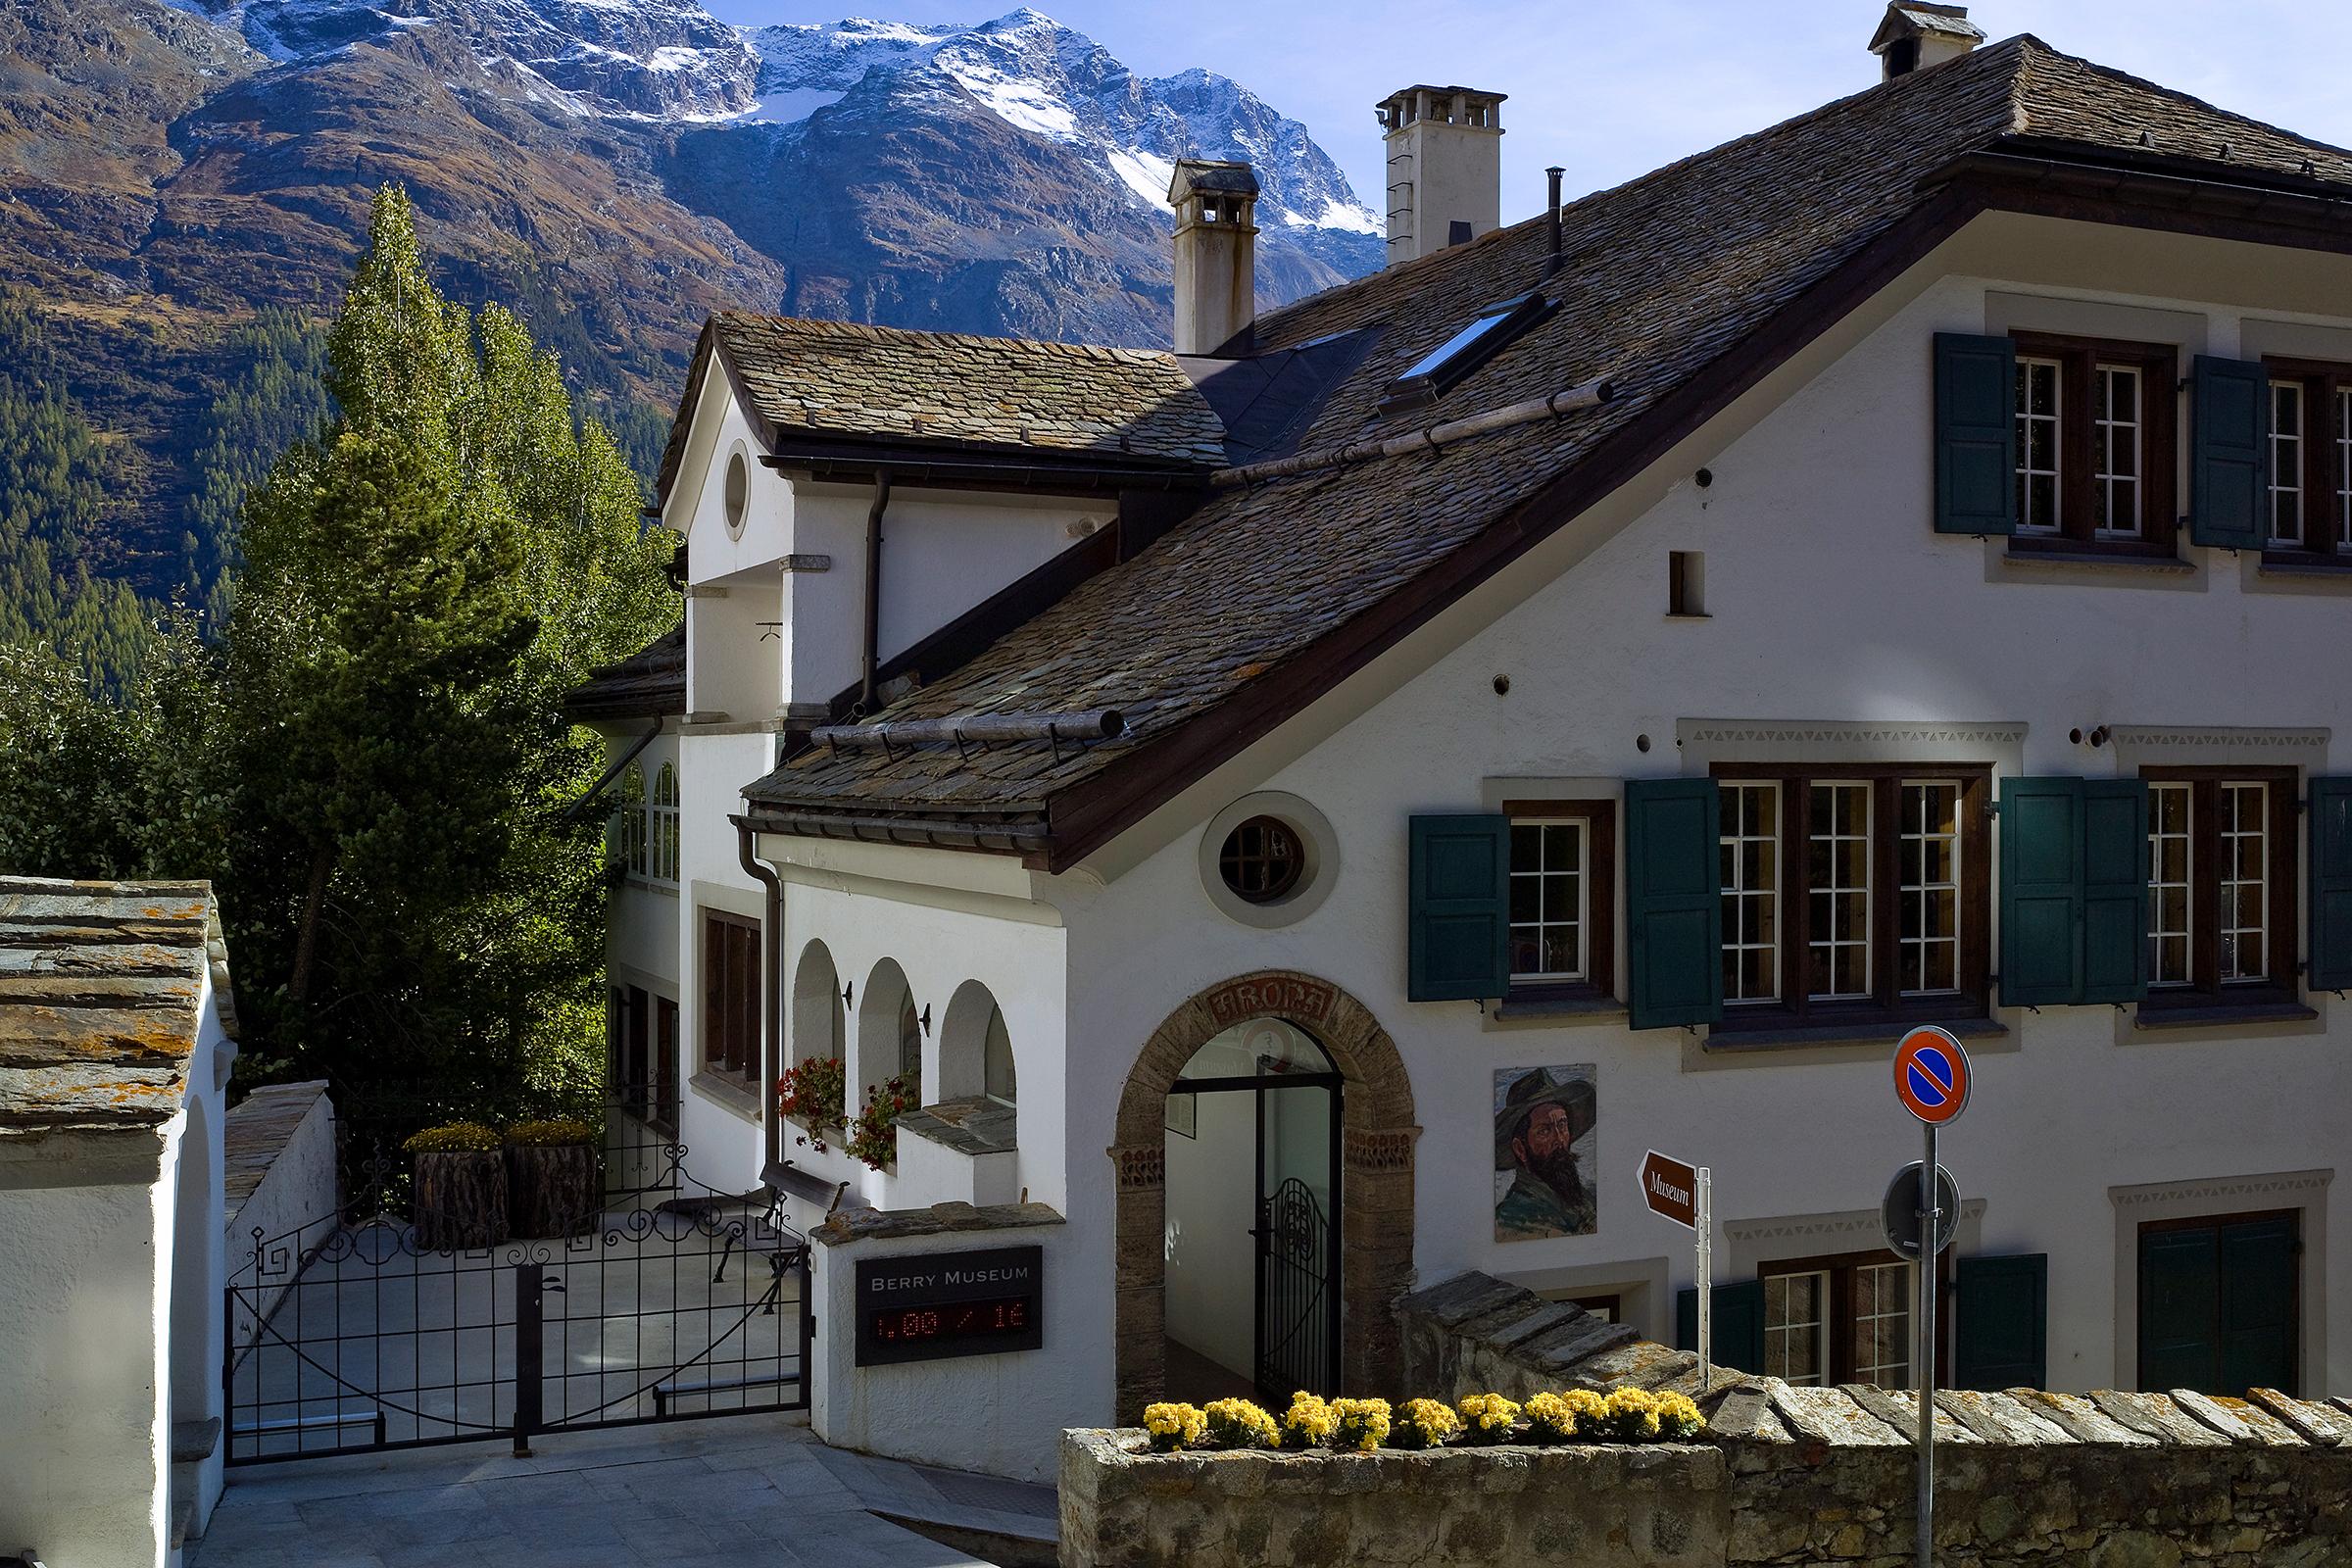 Museen in St. Moritz